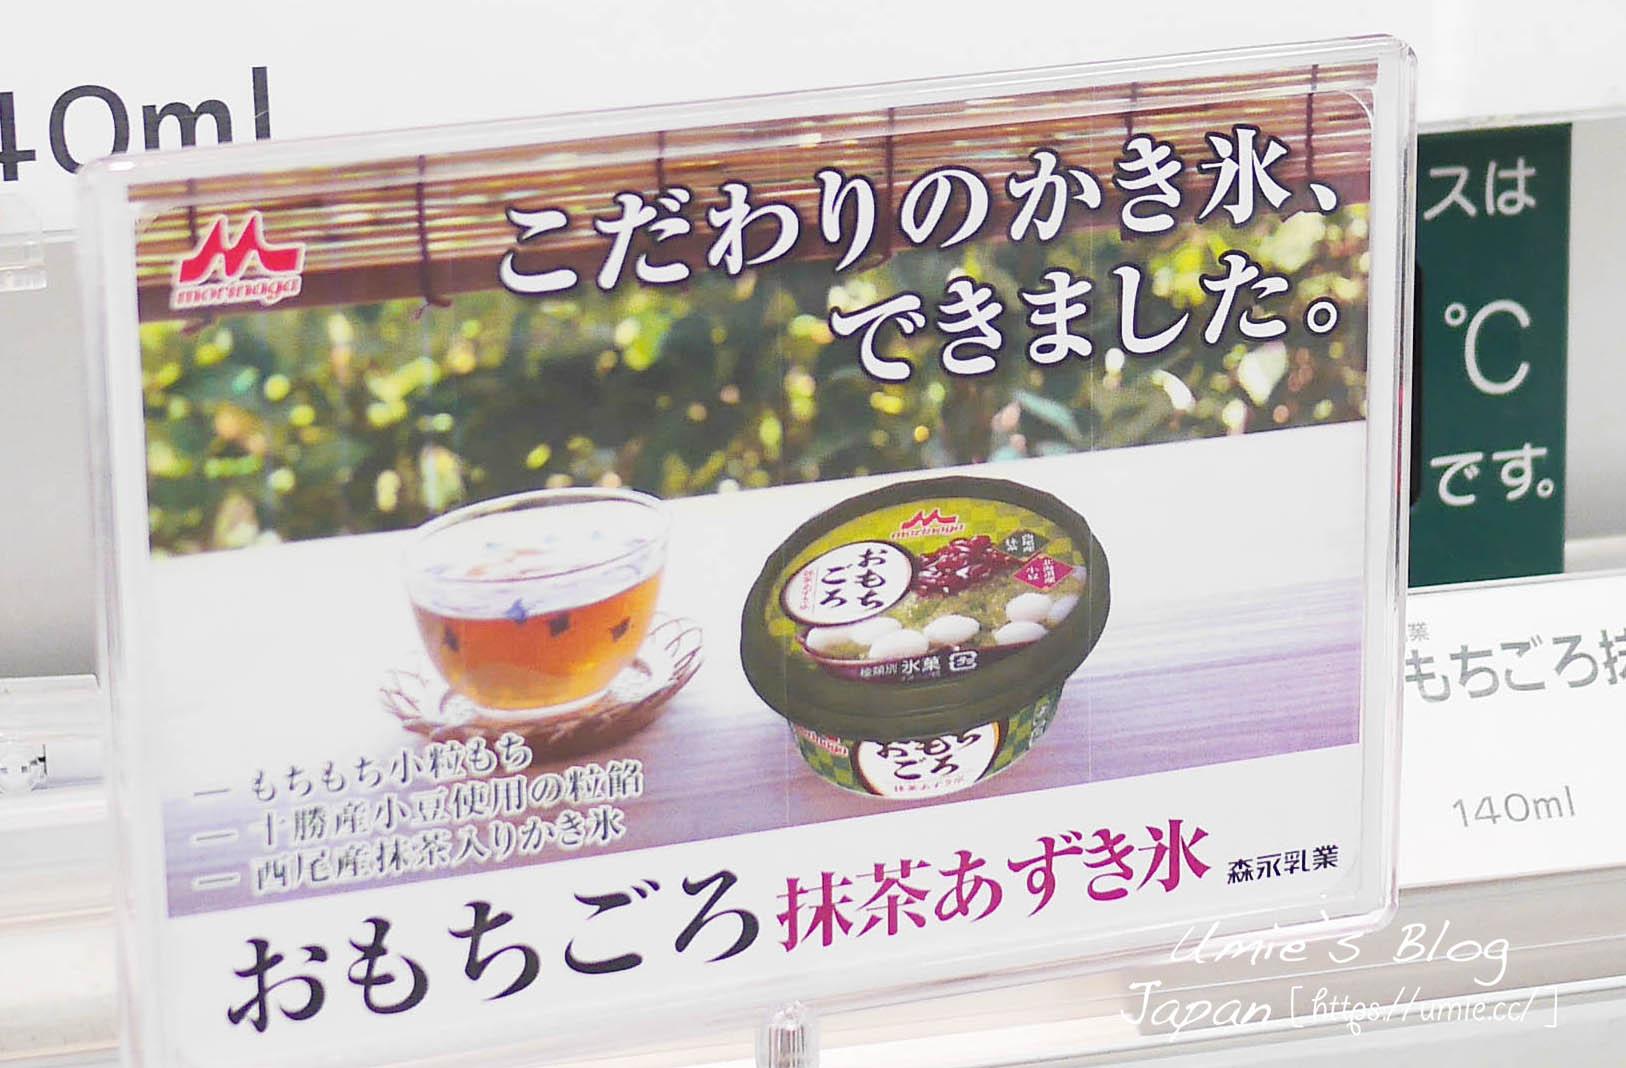 日本必吃!一吃驚為天人神級的森永抹茶紅豆湯圓冰淇淋(刨冰)!真的有QQ的白玉湯圓在裡面!